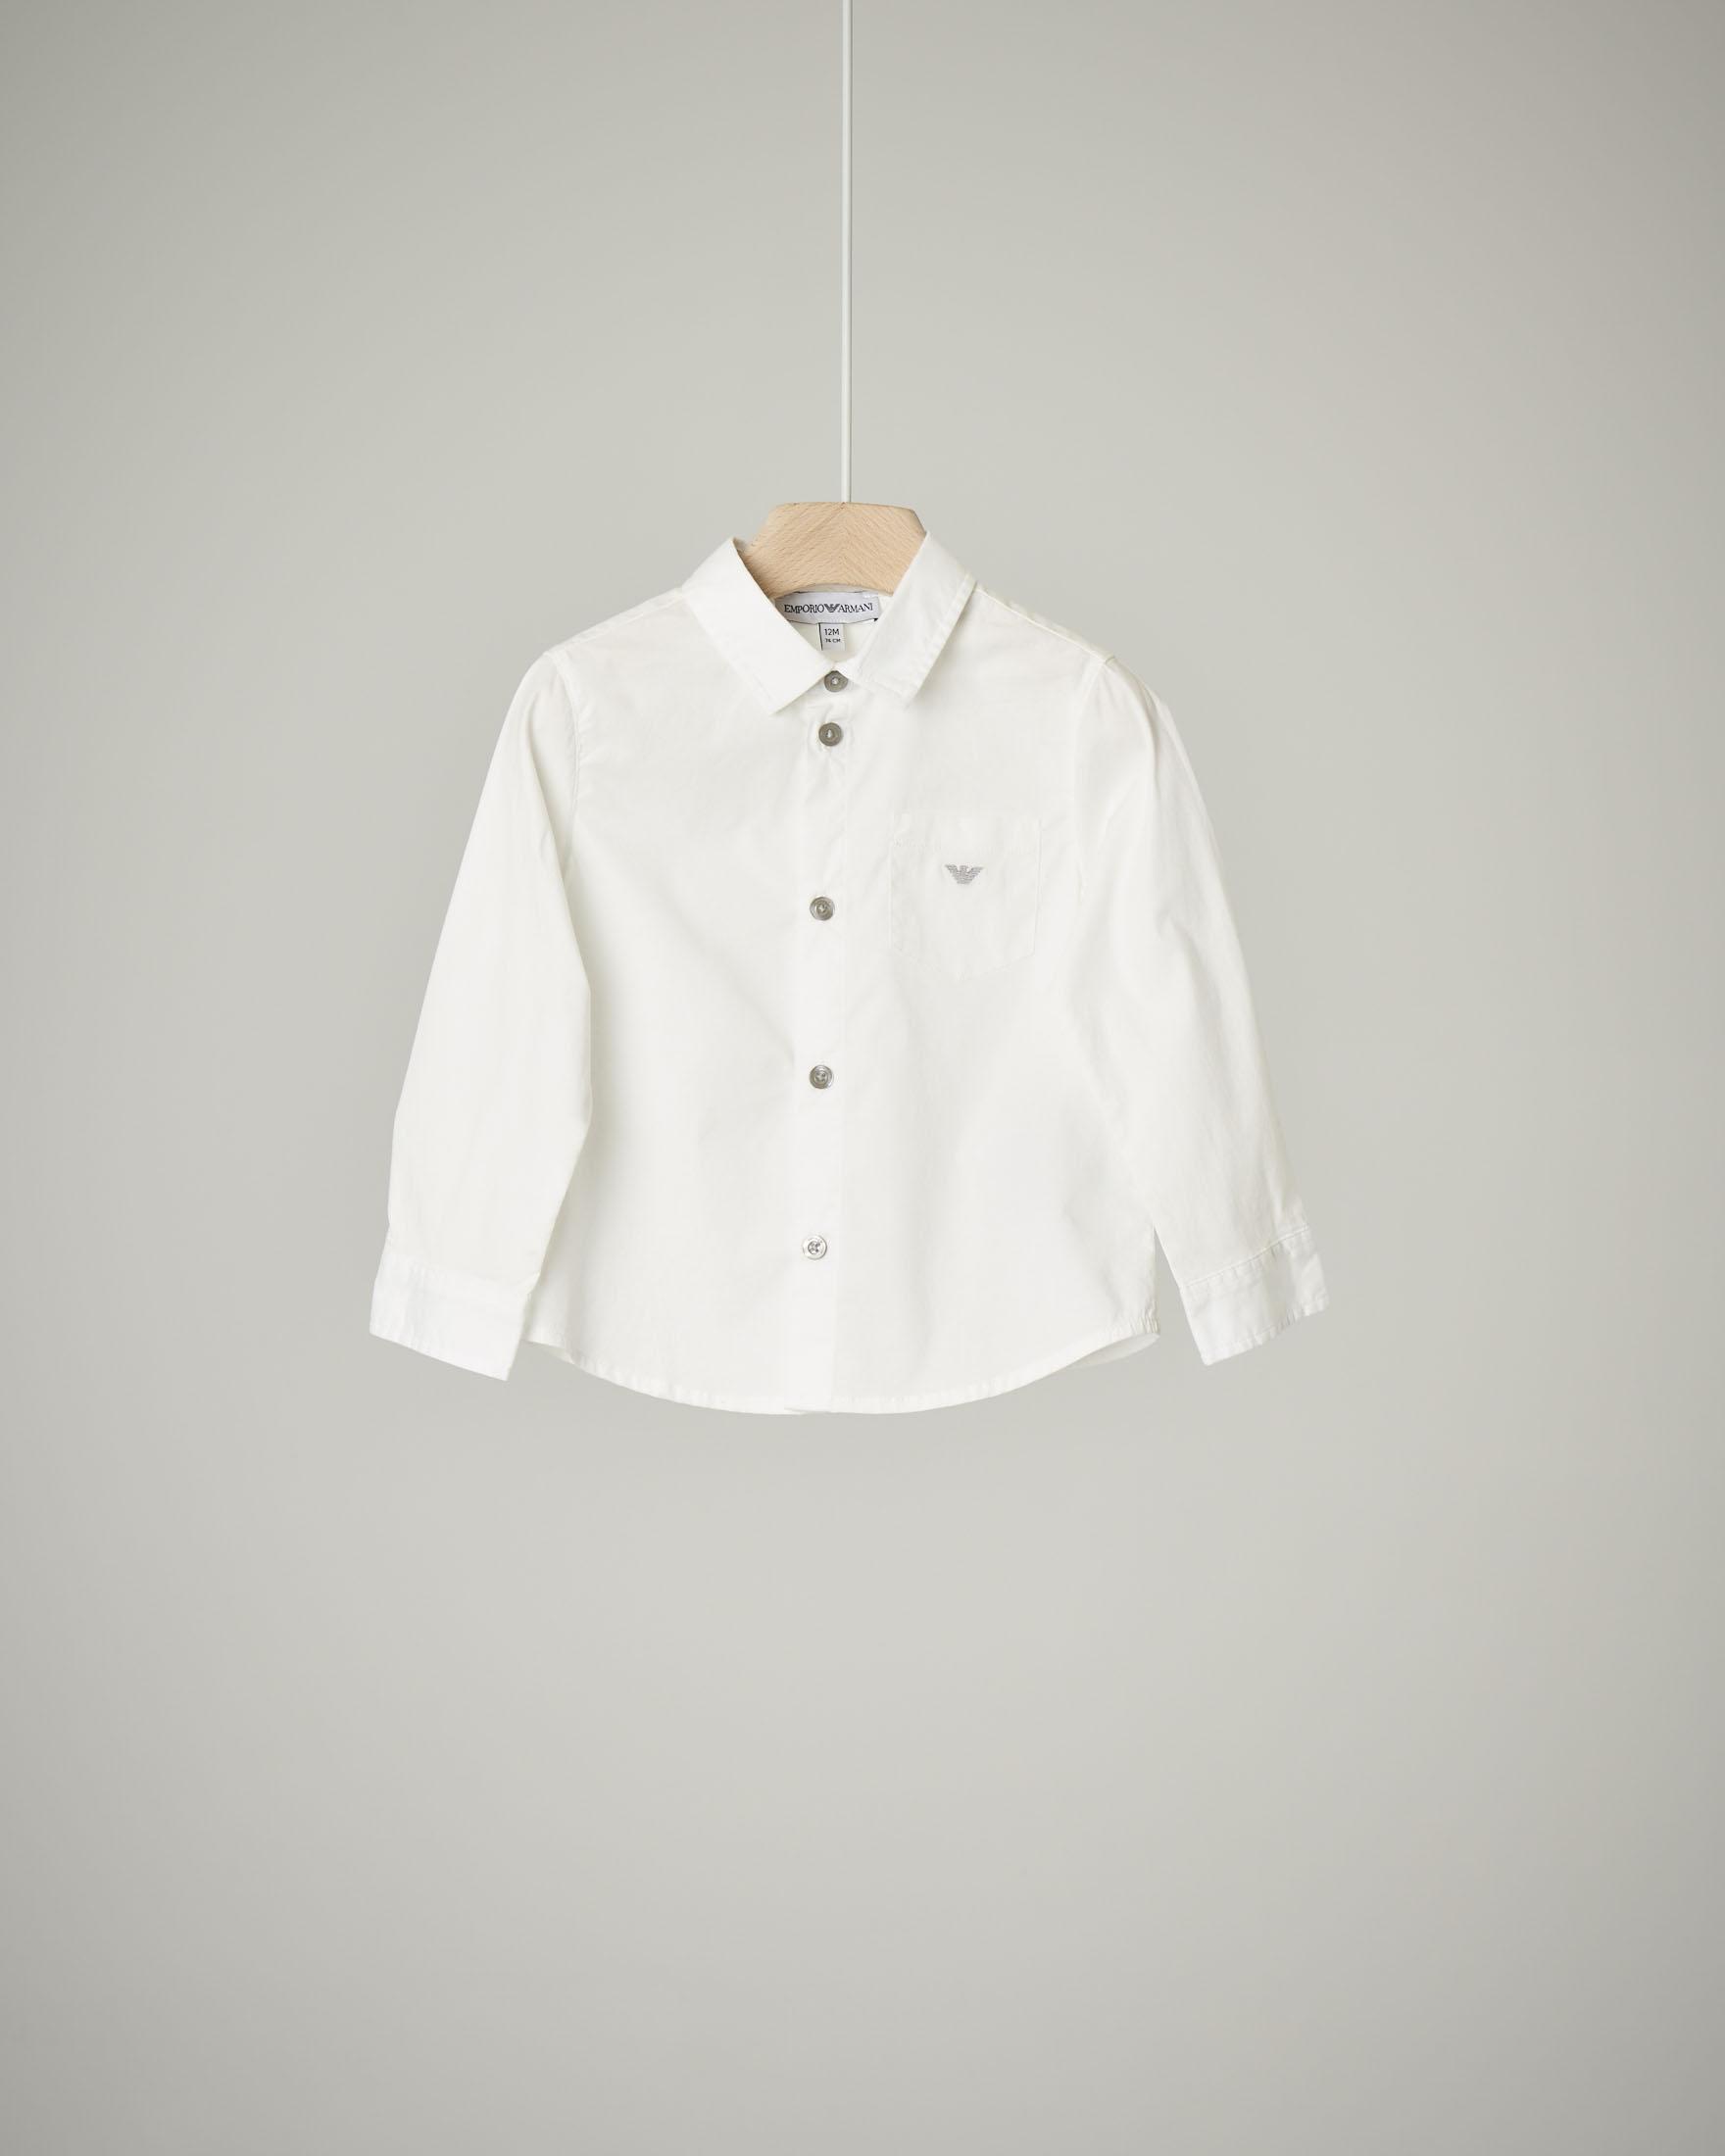 Camicia bianca manica lunga in cotone stretch 9-36 mesi